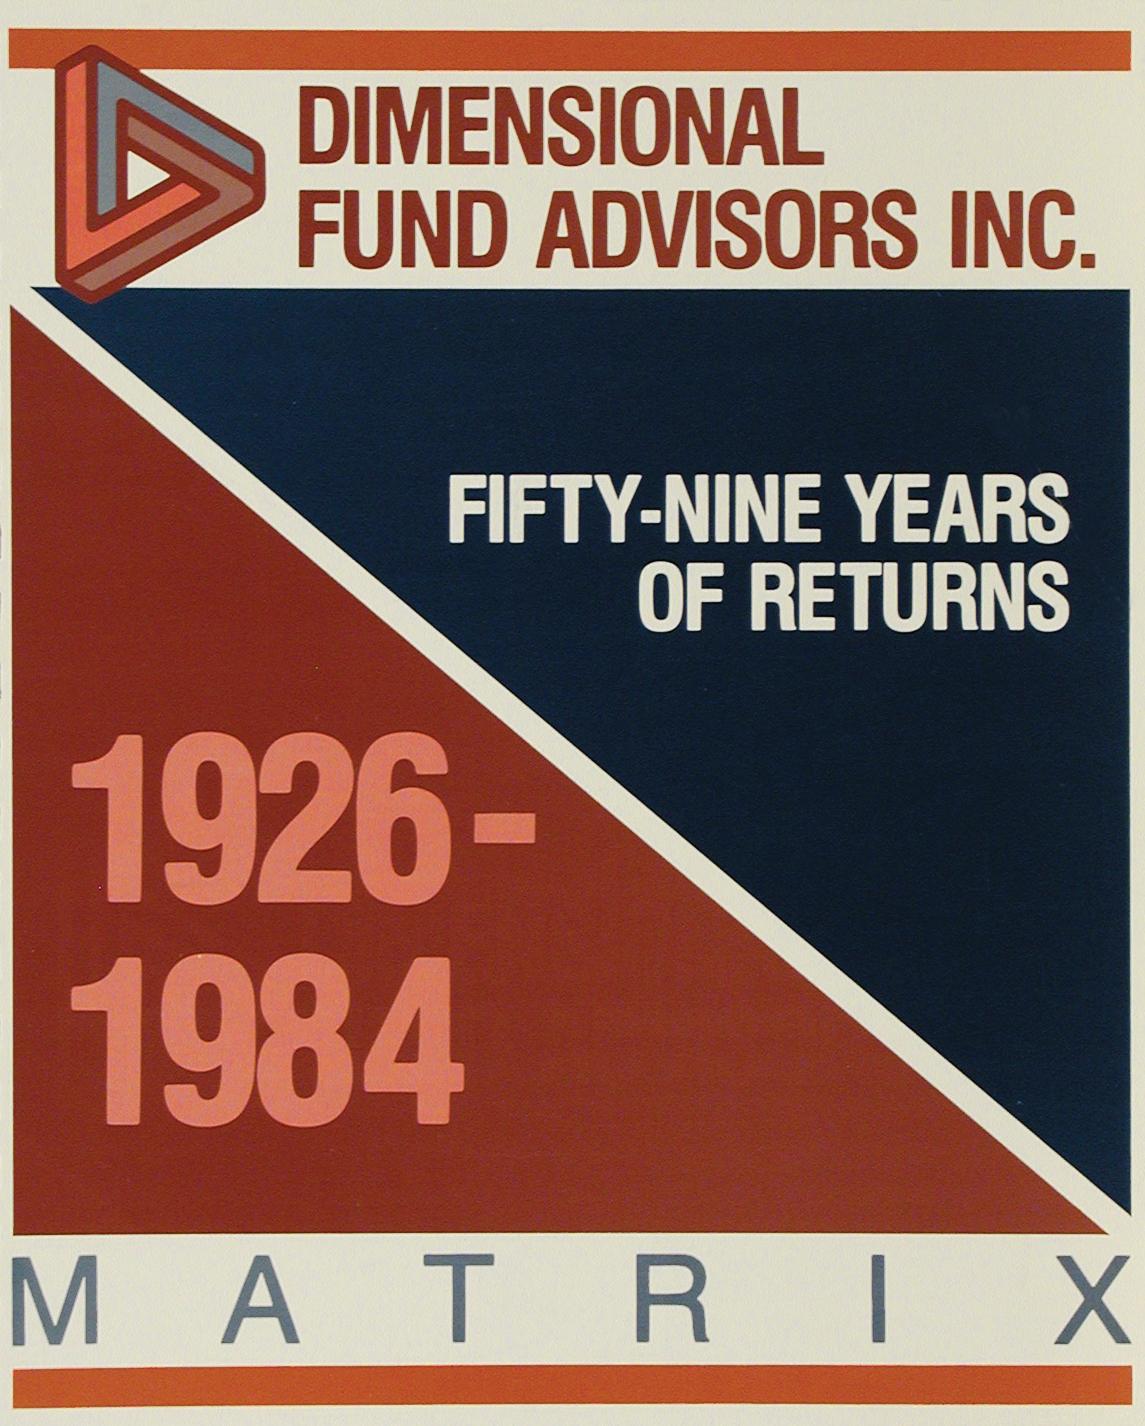 DFA Matrix Book 1984